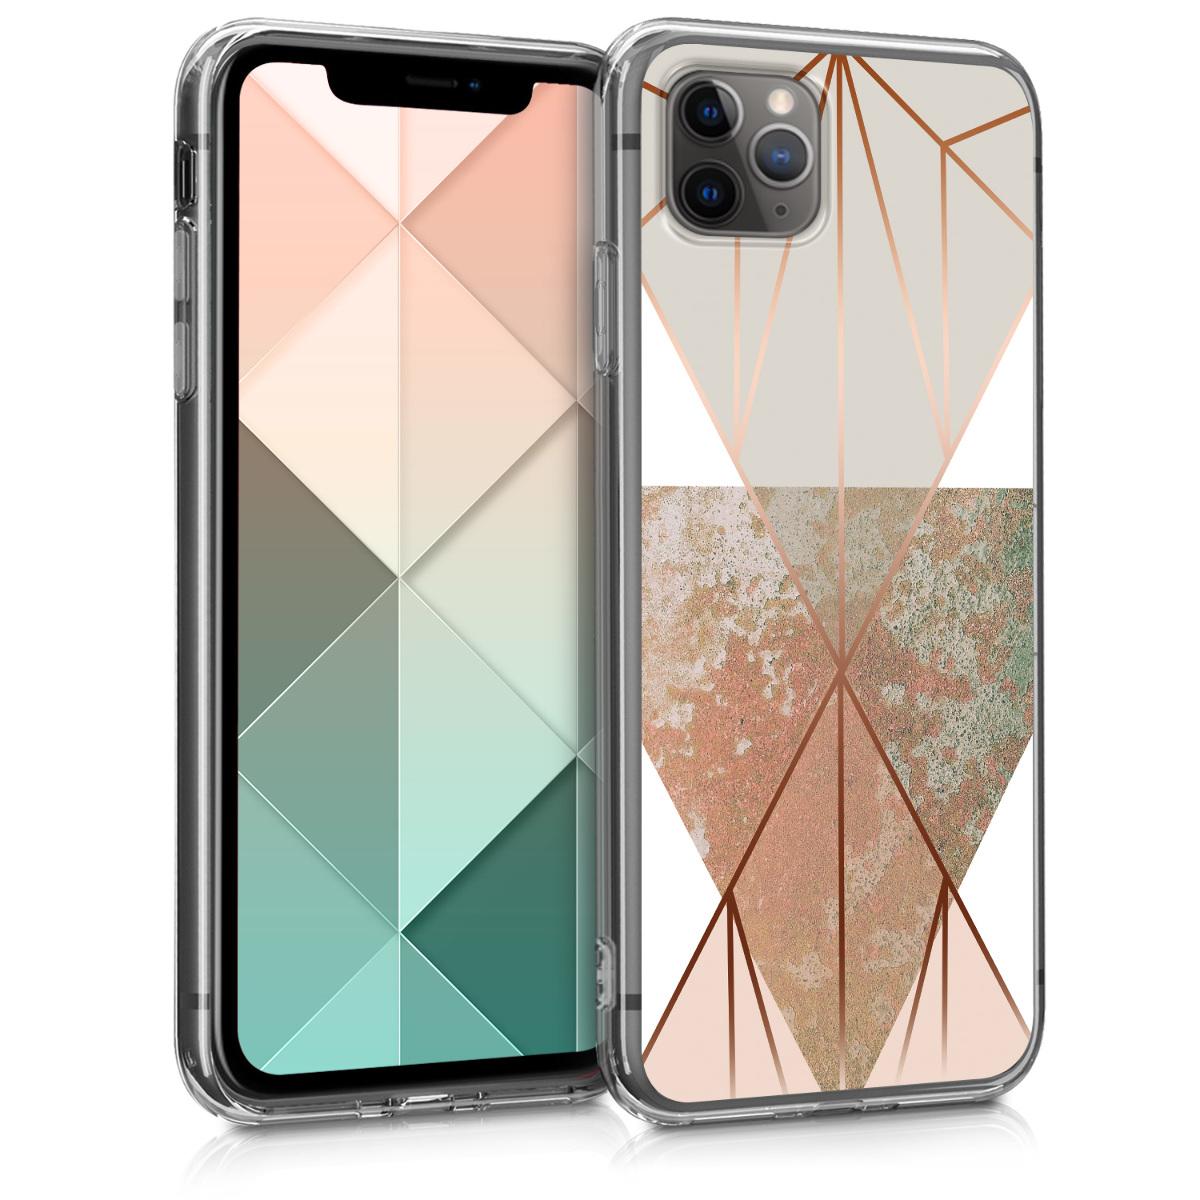 Kvalitní silikonové TPU pouzdro pro Apple iPhone 11 Pro - Trojúhelníkové tvary Beige | Rose Gold | White